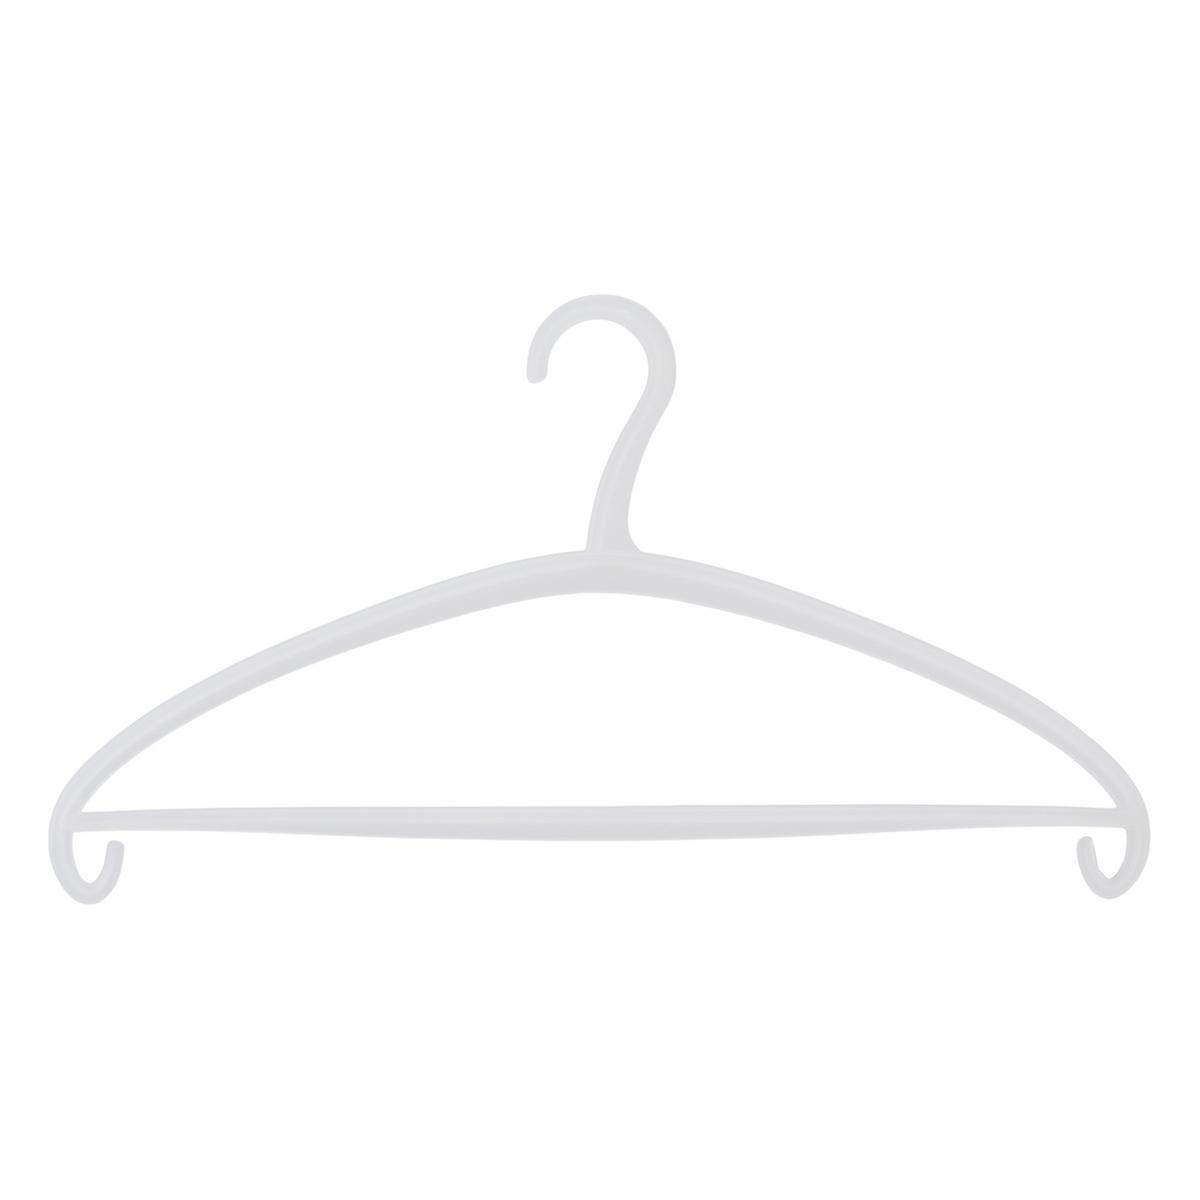 Palaset Clear Olka Hangers Pkg/3